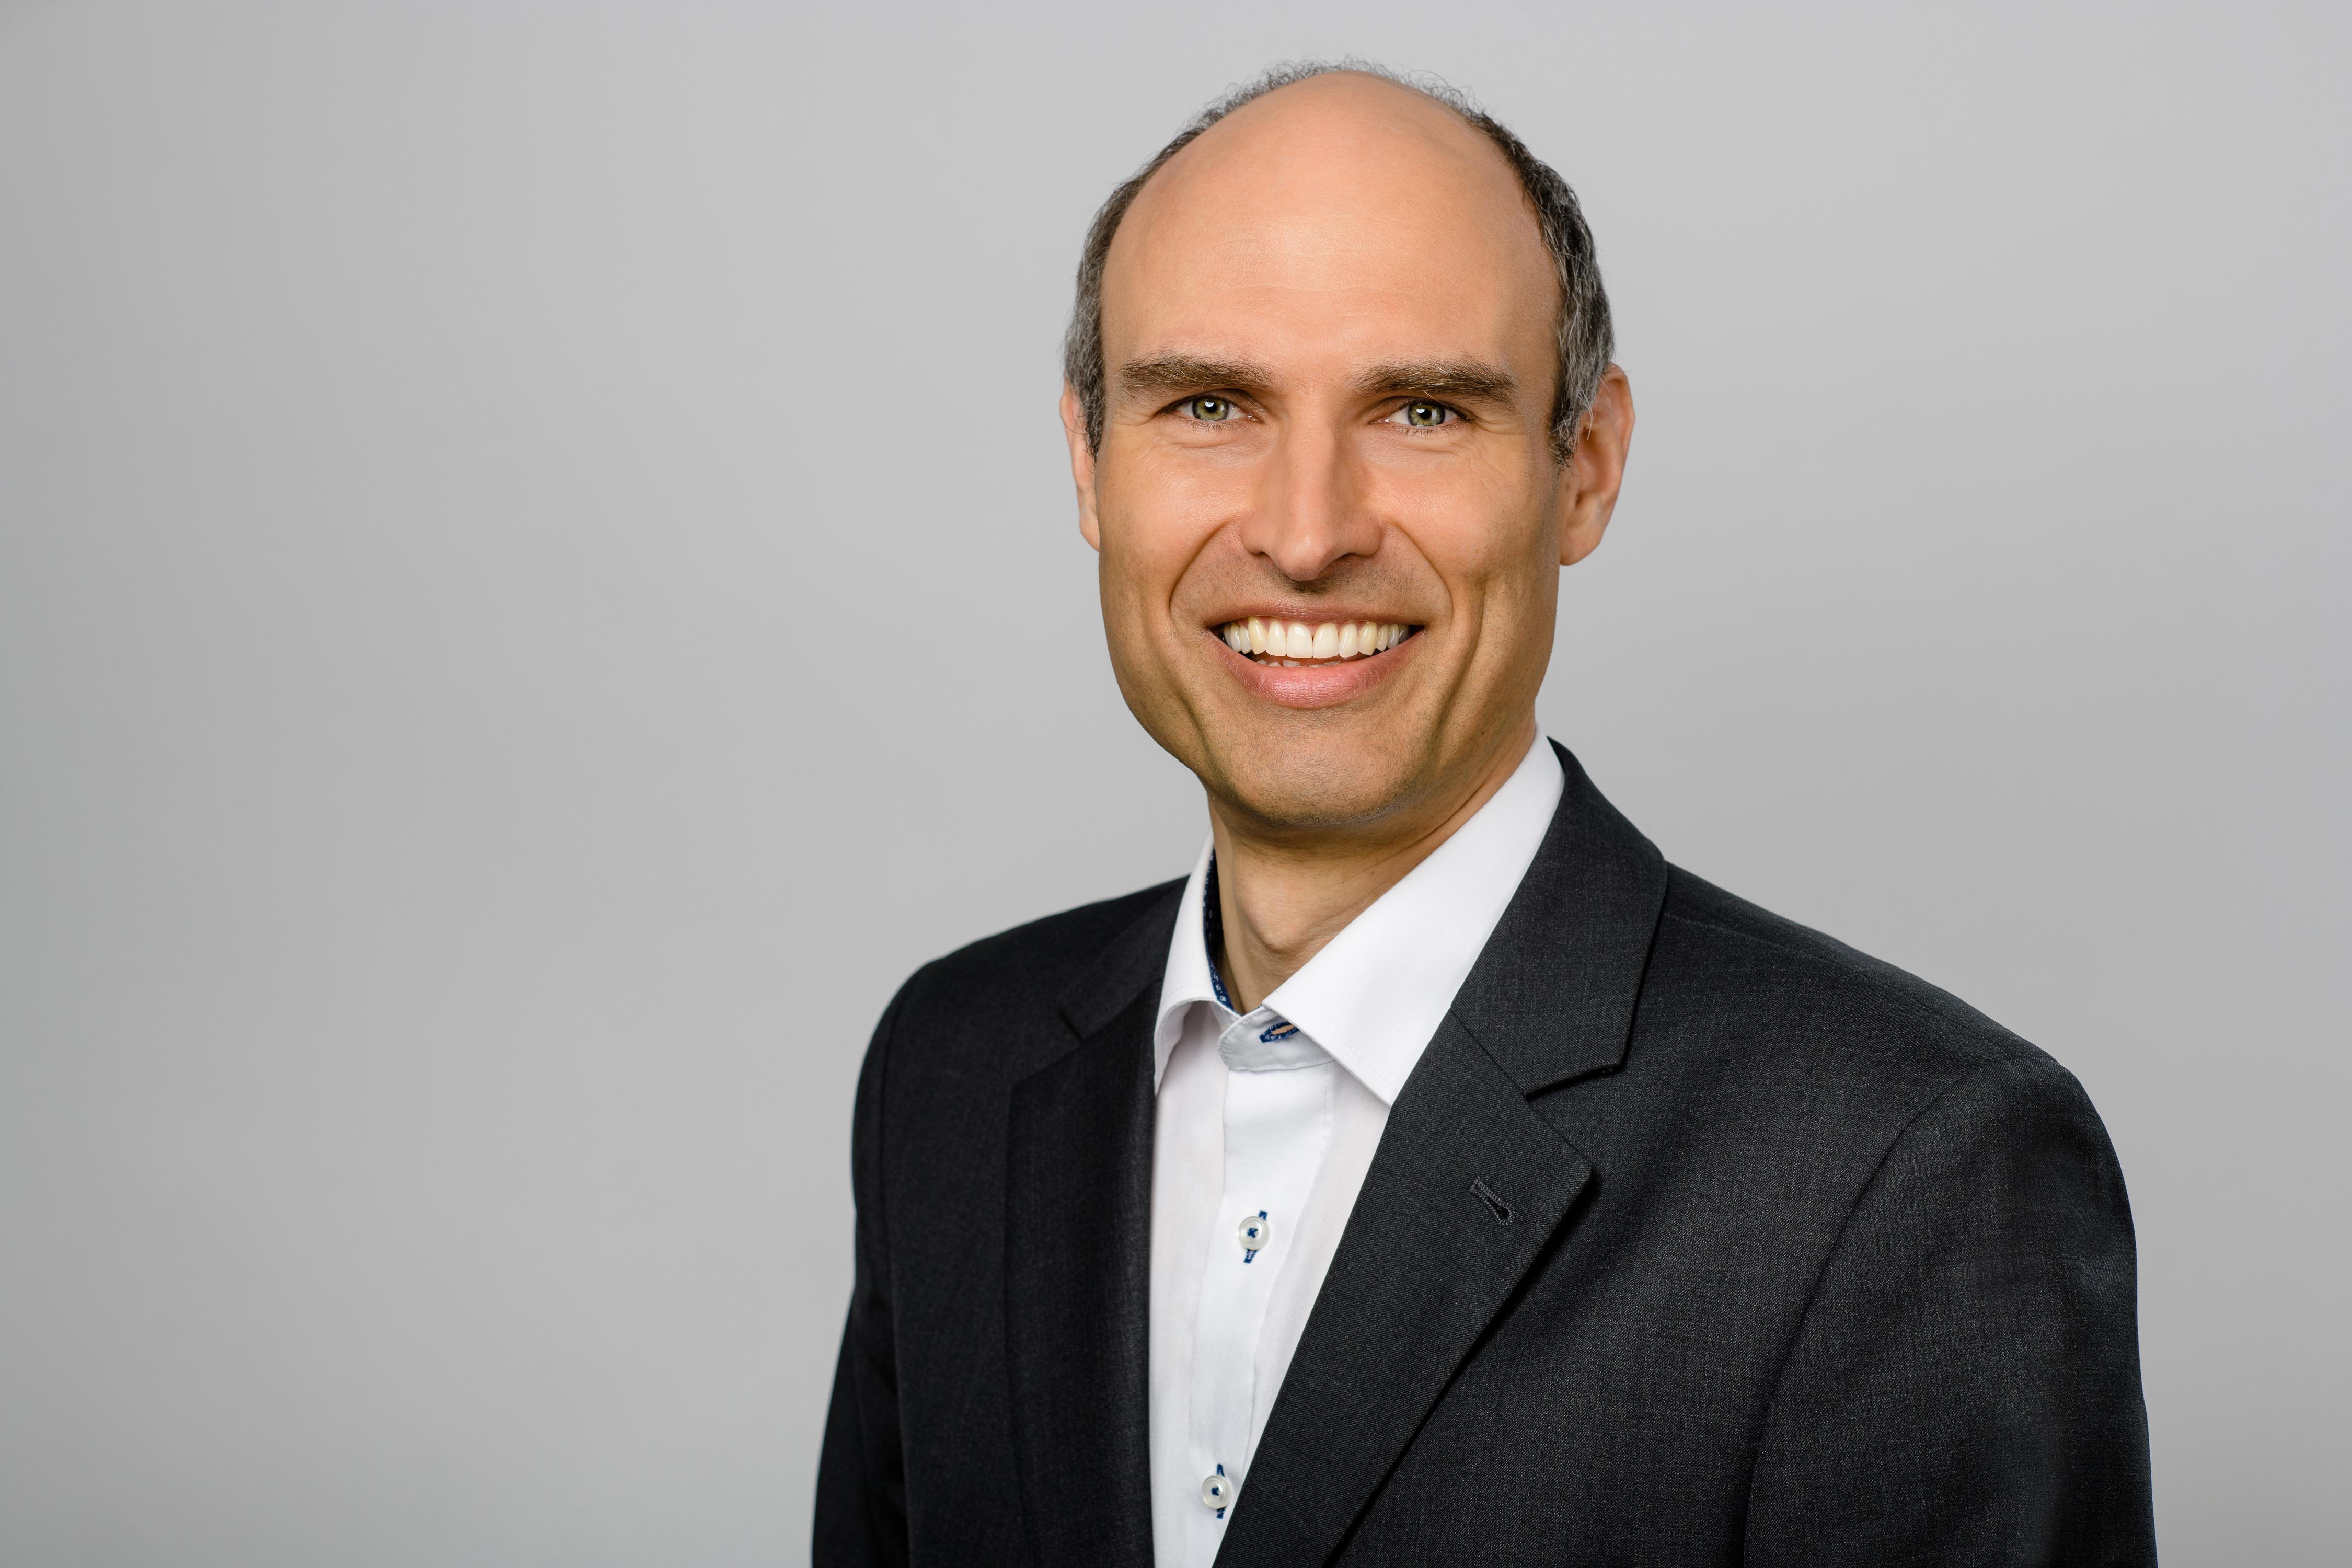 BVT-Geschäftsführer Steffen Kahnt unterstützt Händler in der Corona-Krise mit Kampagnen-Material. (Foto: BVT)